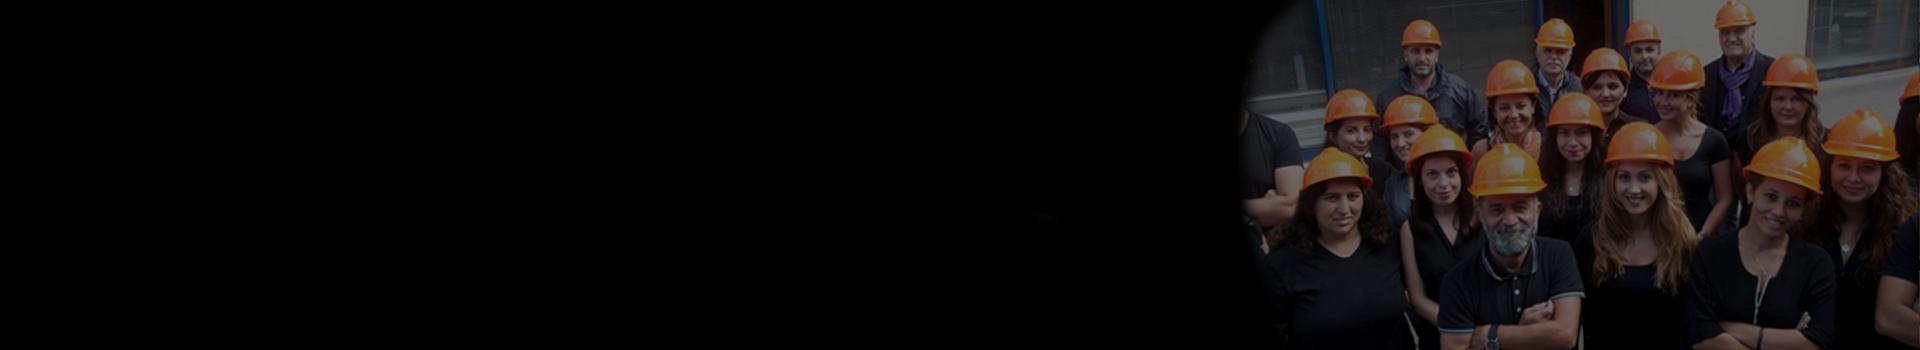 iletişim banner